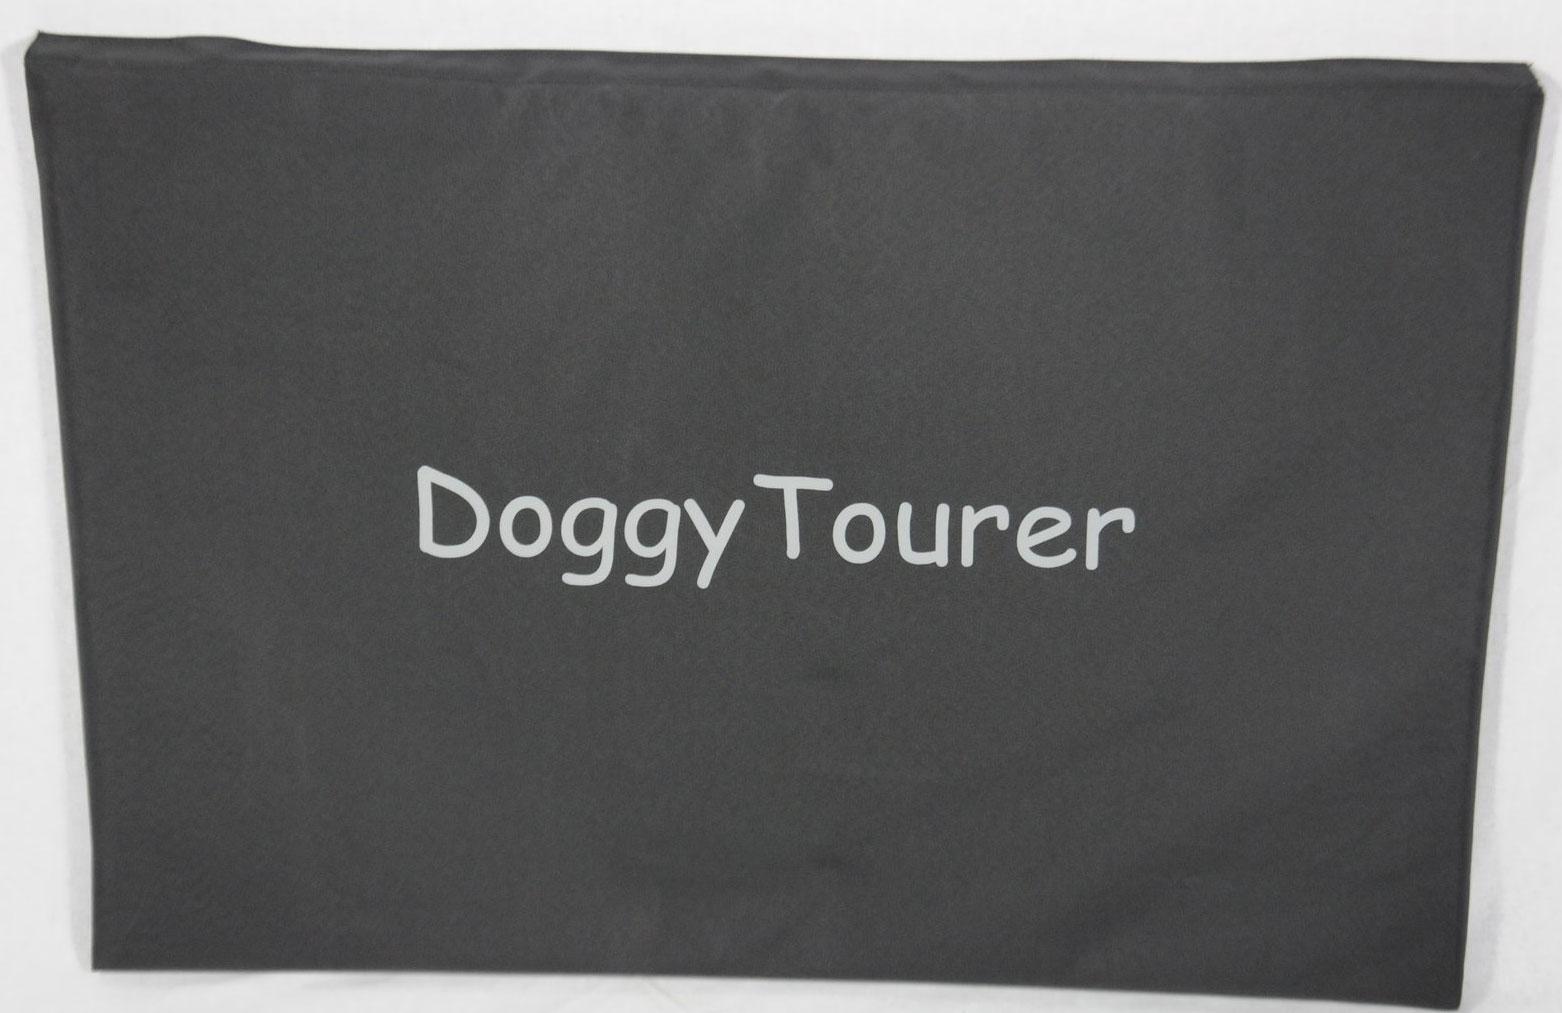 Hundebett für Doggy Tourer Kids Touring Doggy Pad S schwarz Bild 1